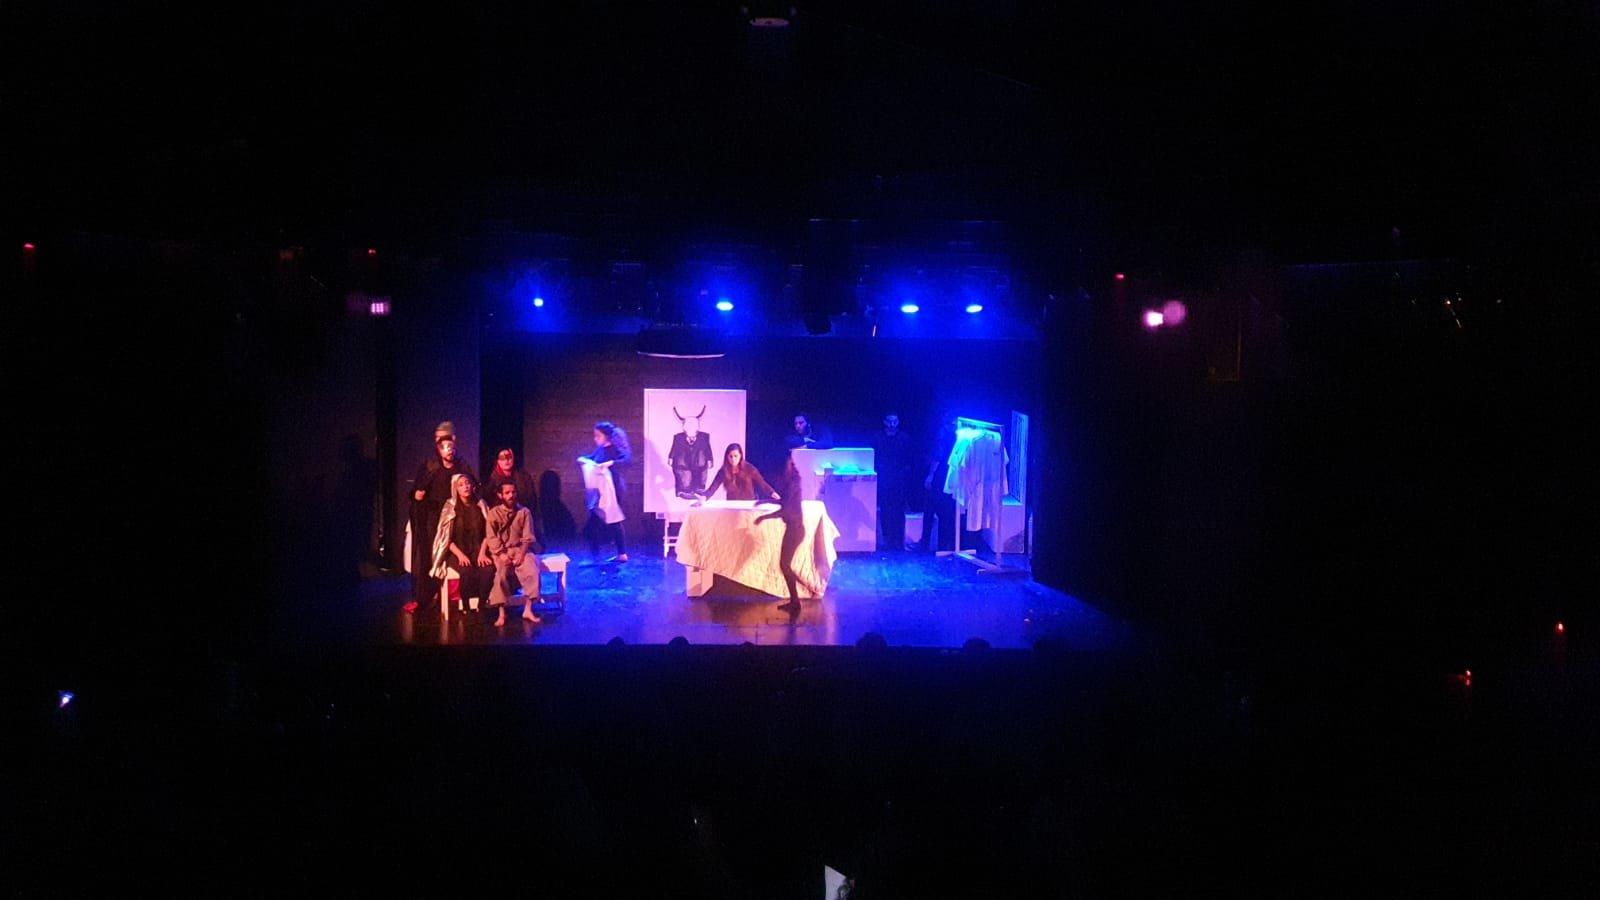 أكاديمية فرينج الناصرة تحتفل هذا الأسبوع بتخريج الفوج الثاني من طلاب فرع التمثيل الجدد وعرض مسرحيتهم الأولى-15